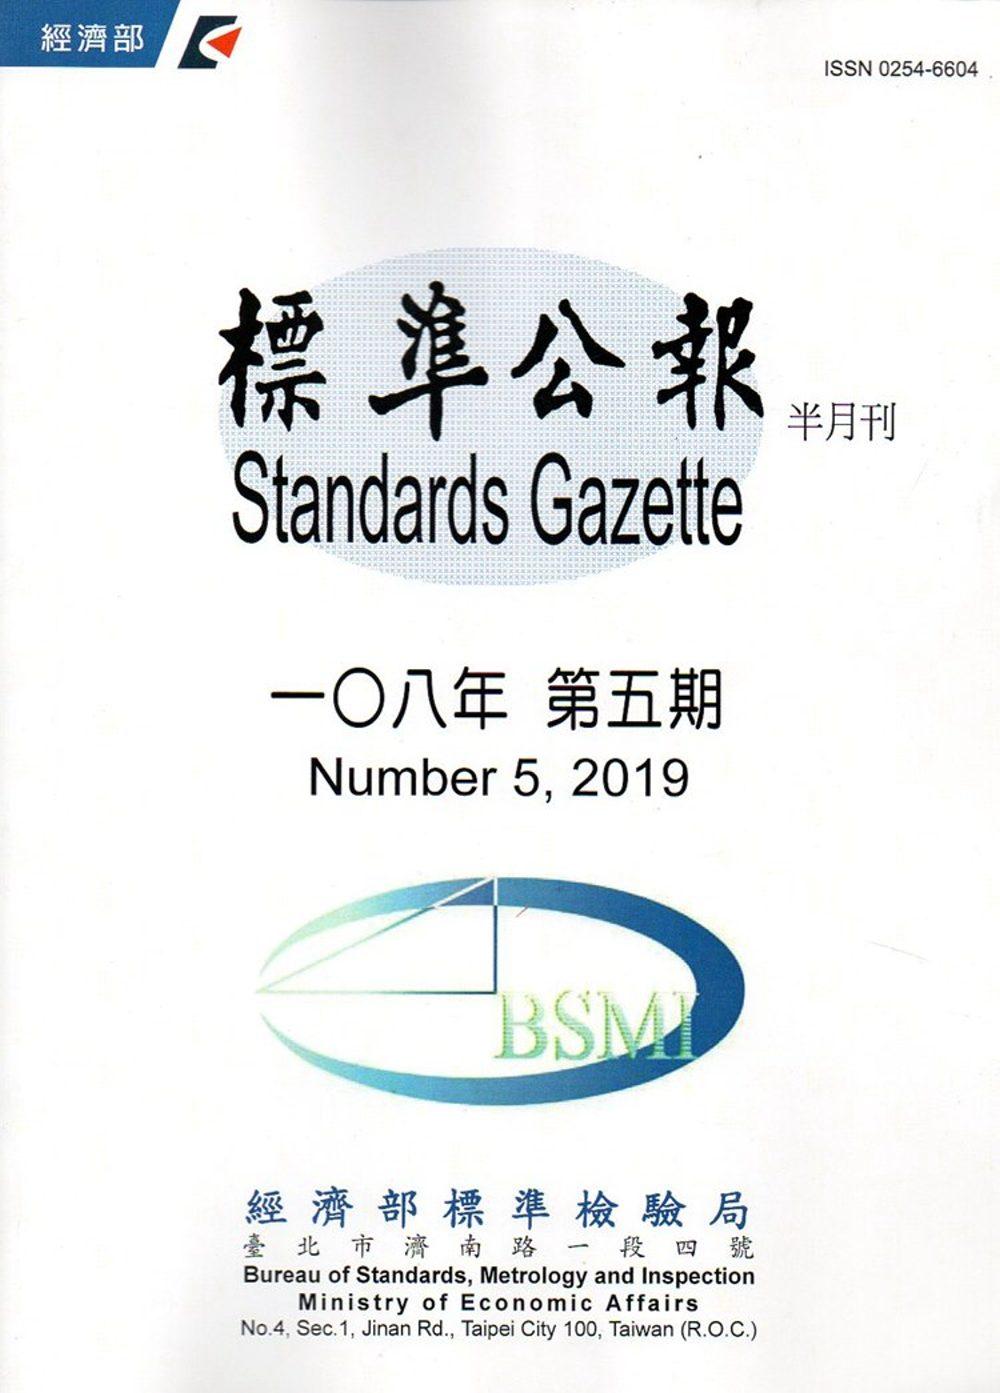 標準公報半月刊108年 第五期